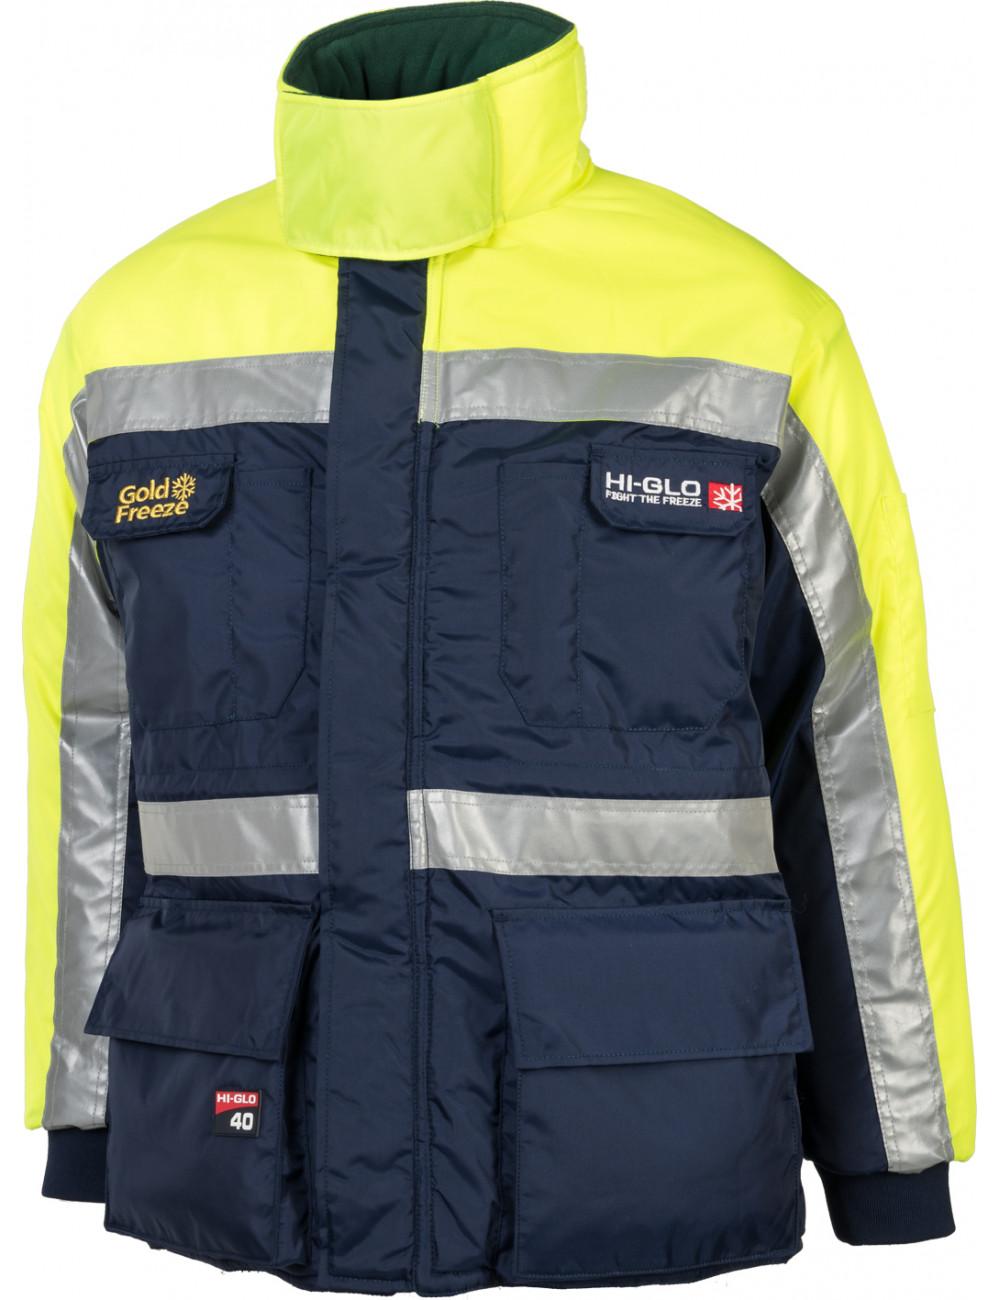 Kurtka Freezer Jacket Hi-Glo 40 do mroźni lub chłodni ochrona do -83,3°C